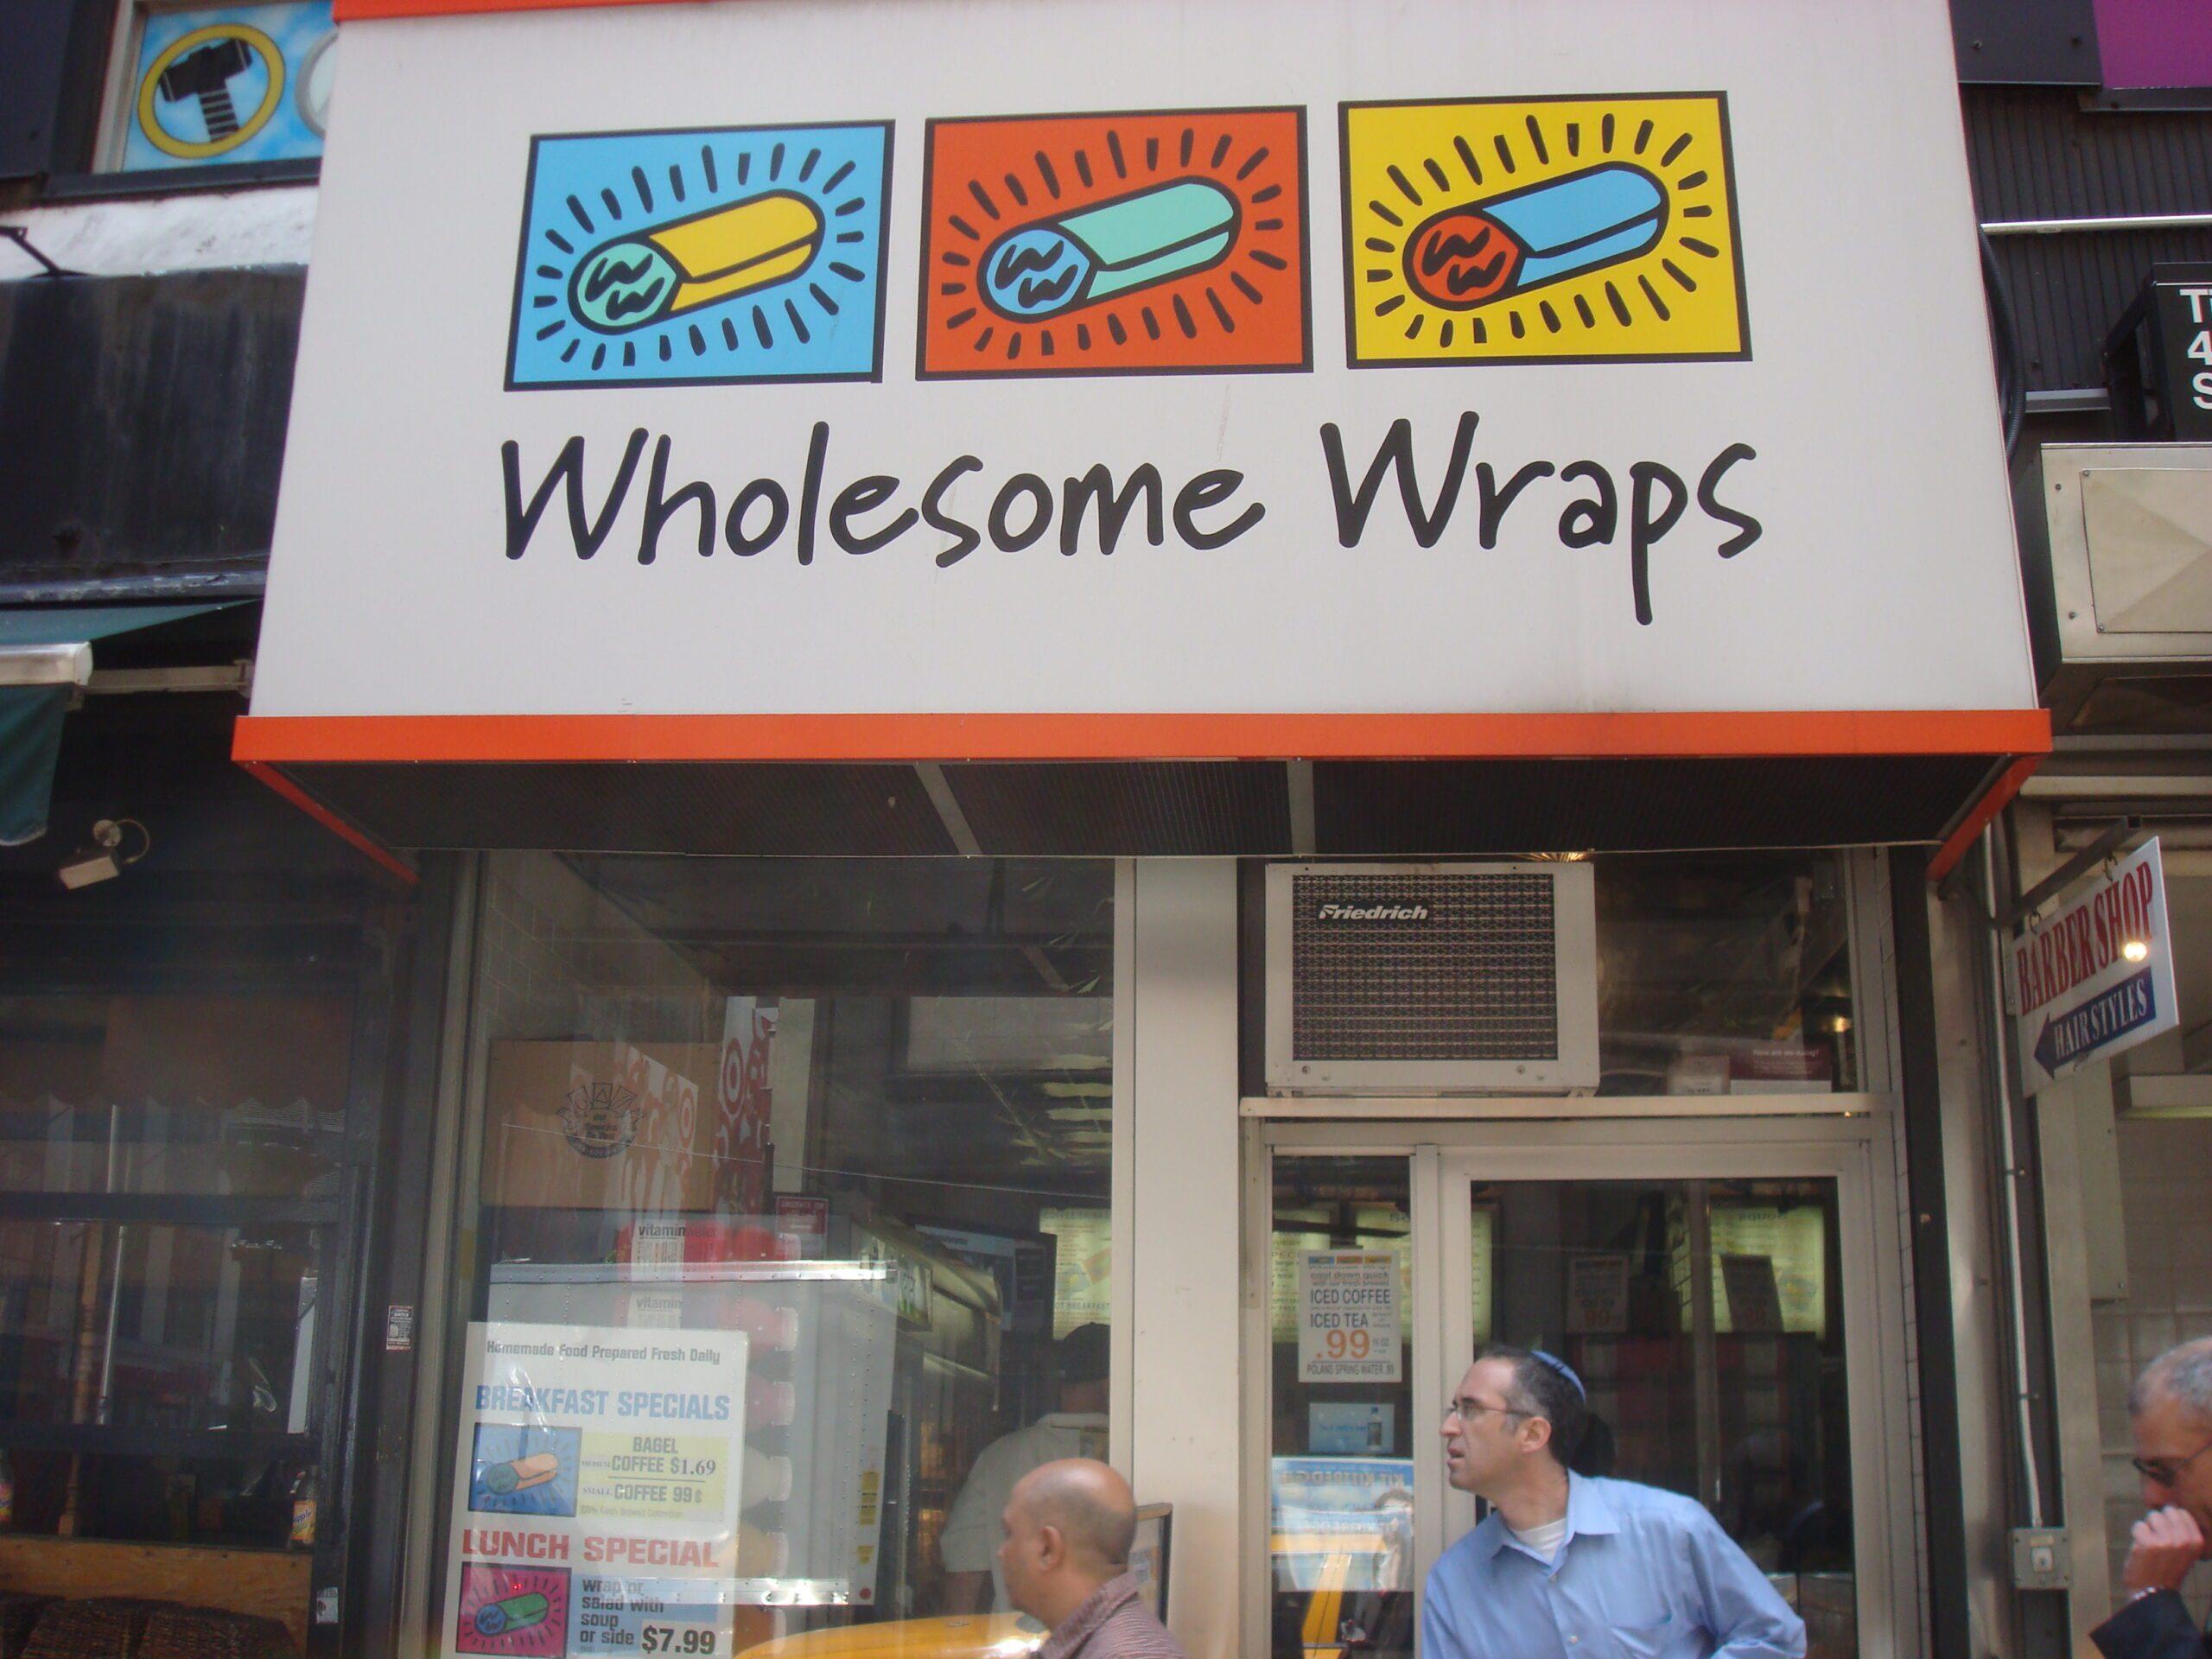 Wholesome Wraps